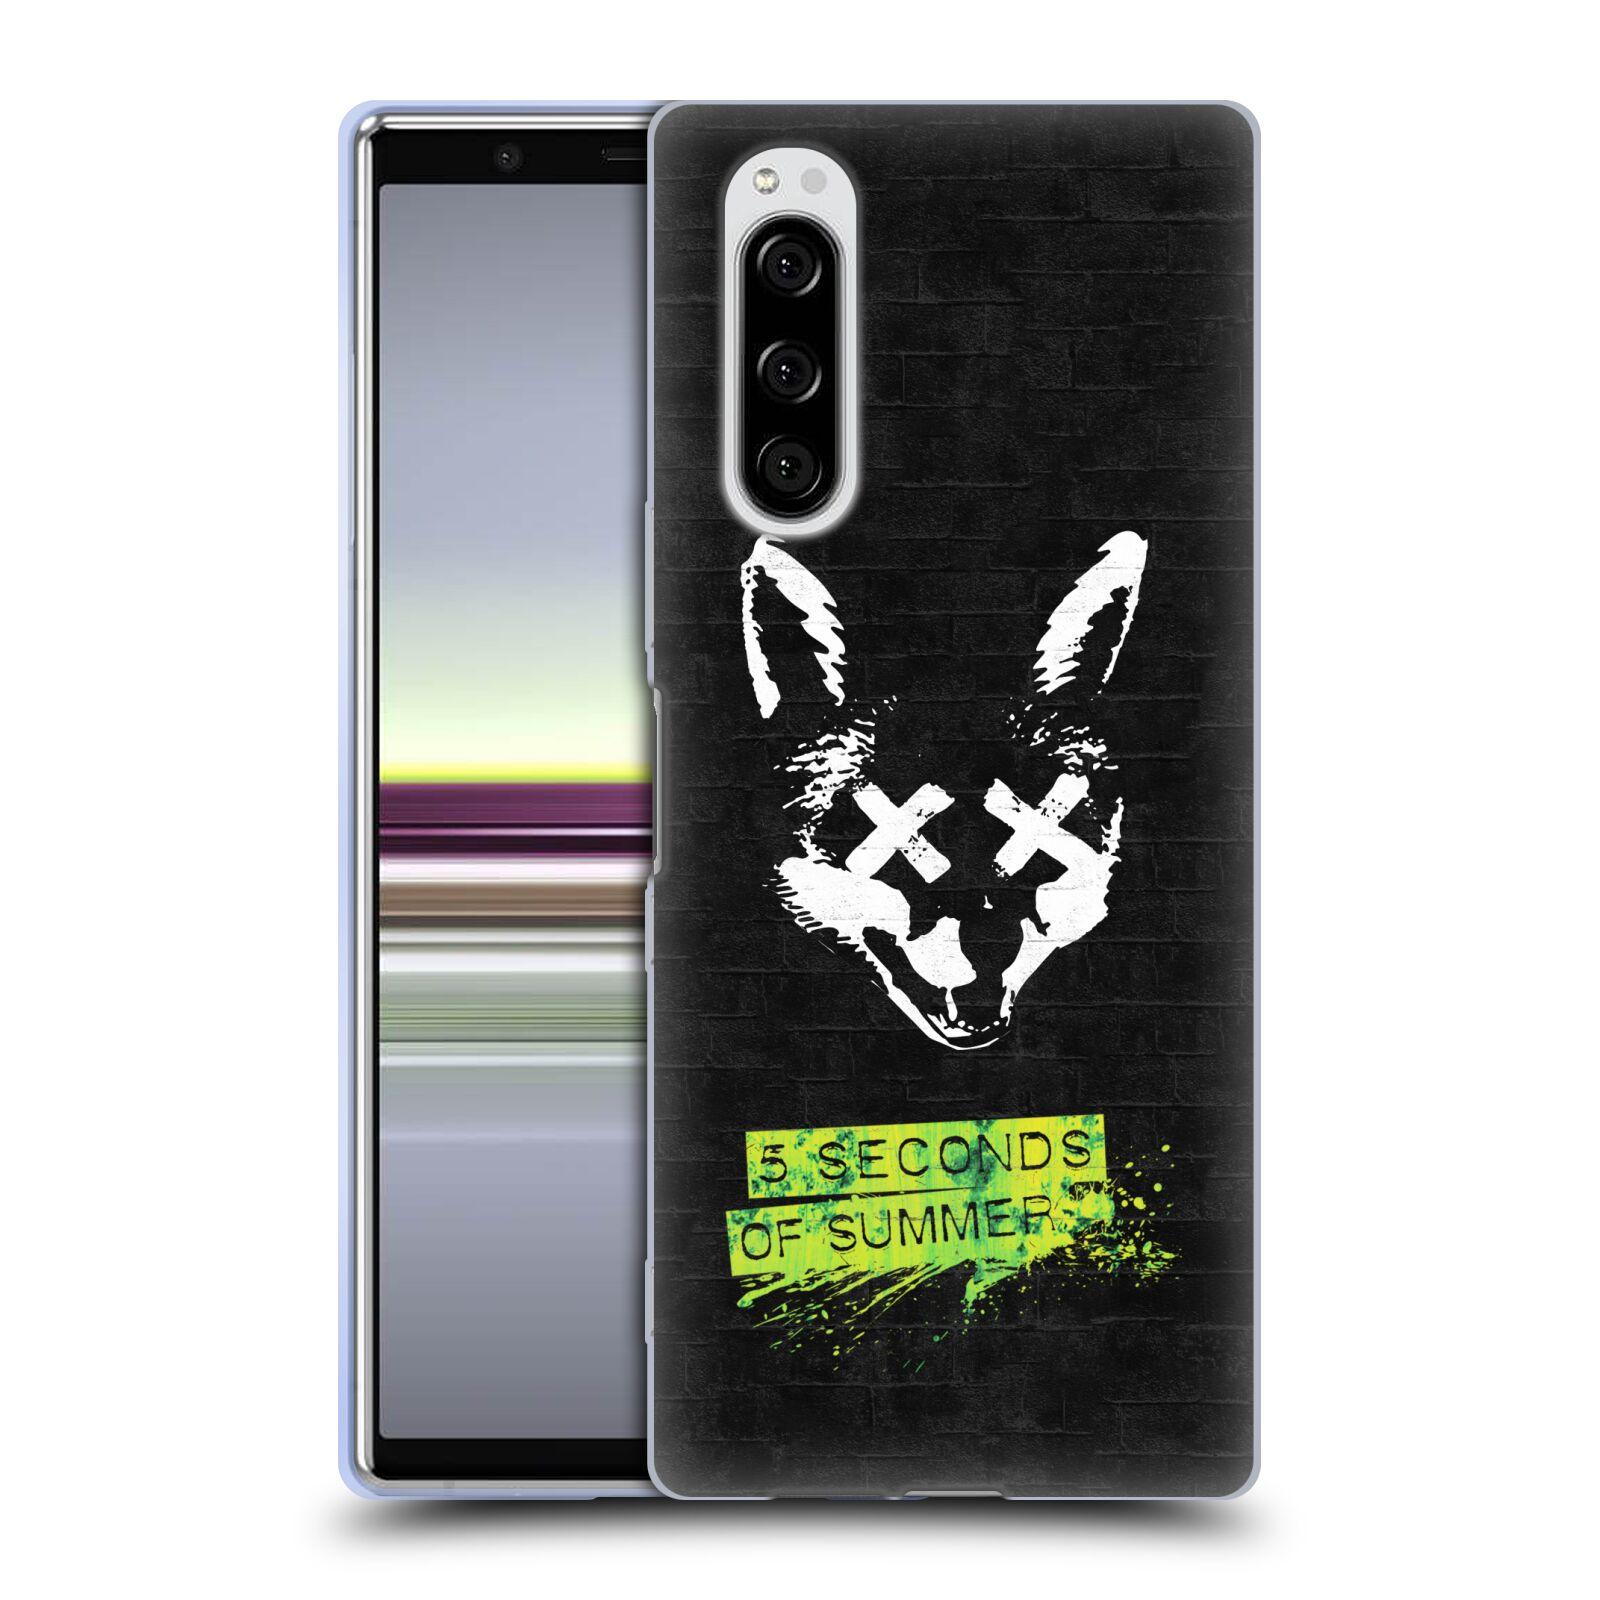 Silikonové pouzdro na mobil Sony Xperia 5 - Head Case - 5 Seconds of Summer - Fox